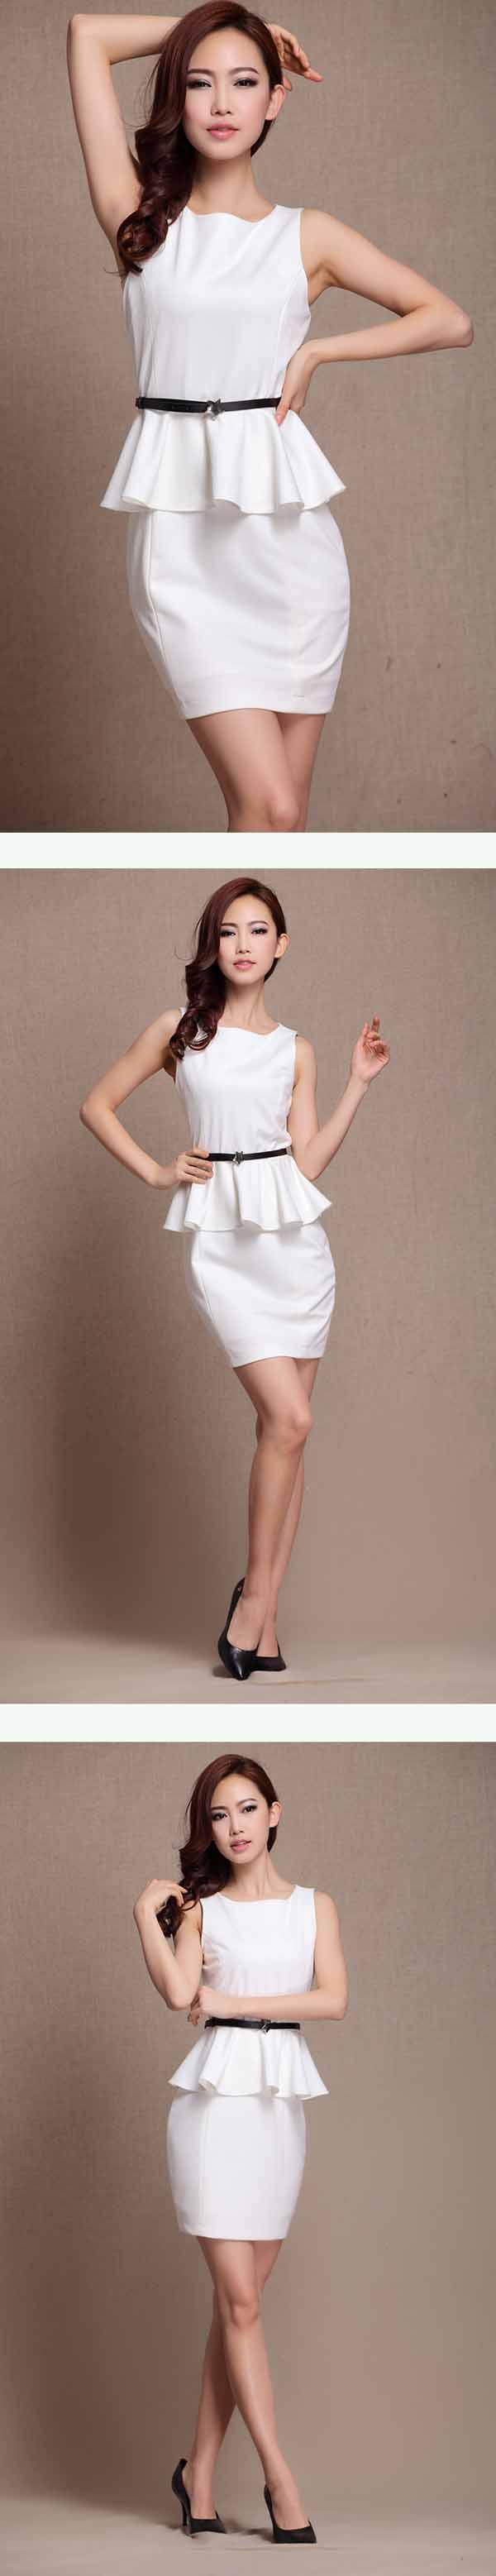 ชุดแซก แฟชั่นเกาหลีเดรสสวยชุดทำงานใหม่ นำเข้า ไซส์XL สีขาว - พร้อมส่งTJ7071 ราคา1000บาท